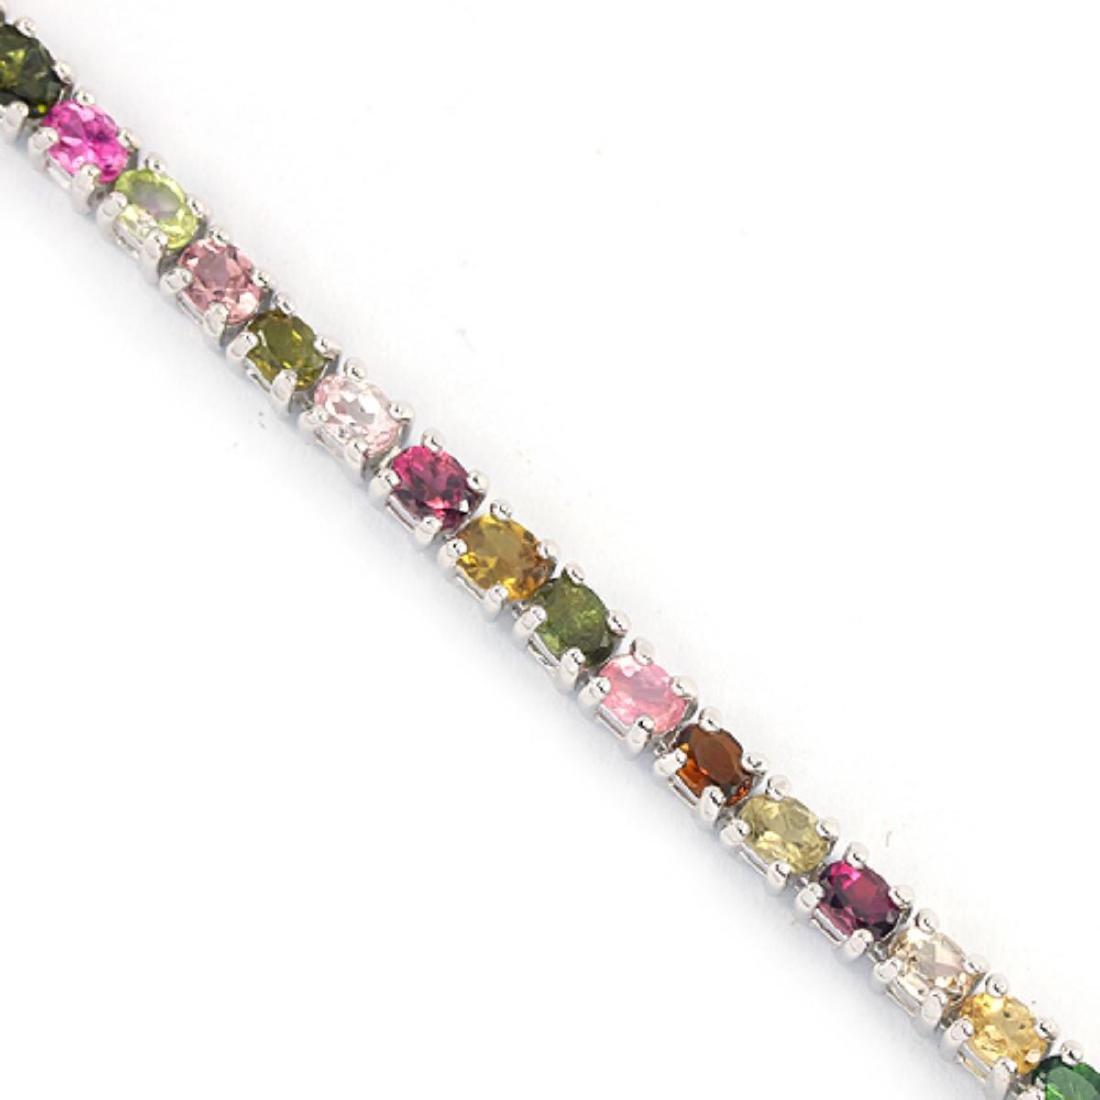 NATURL MULTI COLOR TOURMALINE Bracelet - 2